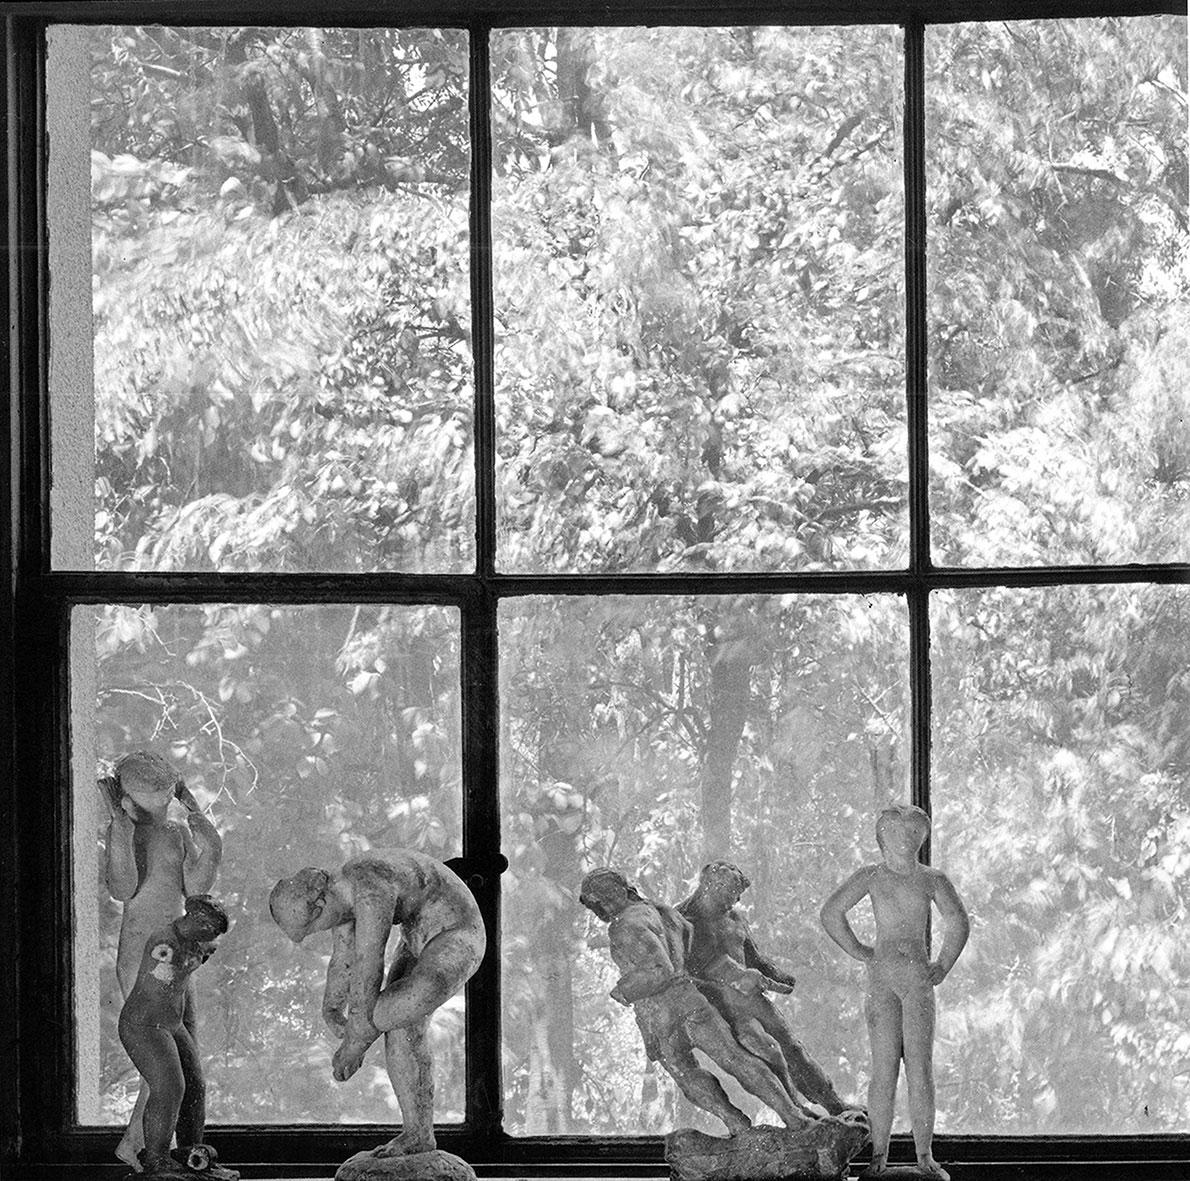 prozor-radionice-majstora-frana-krsinica-1968